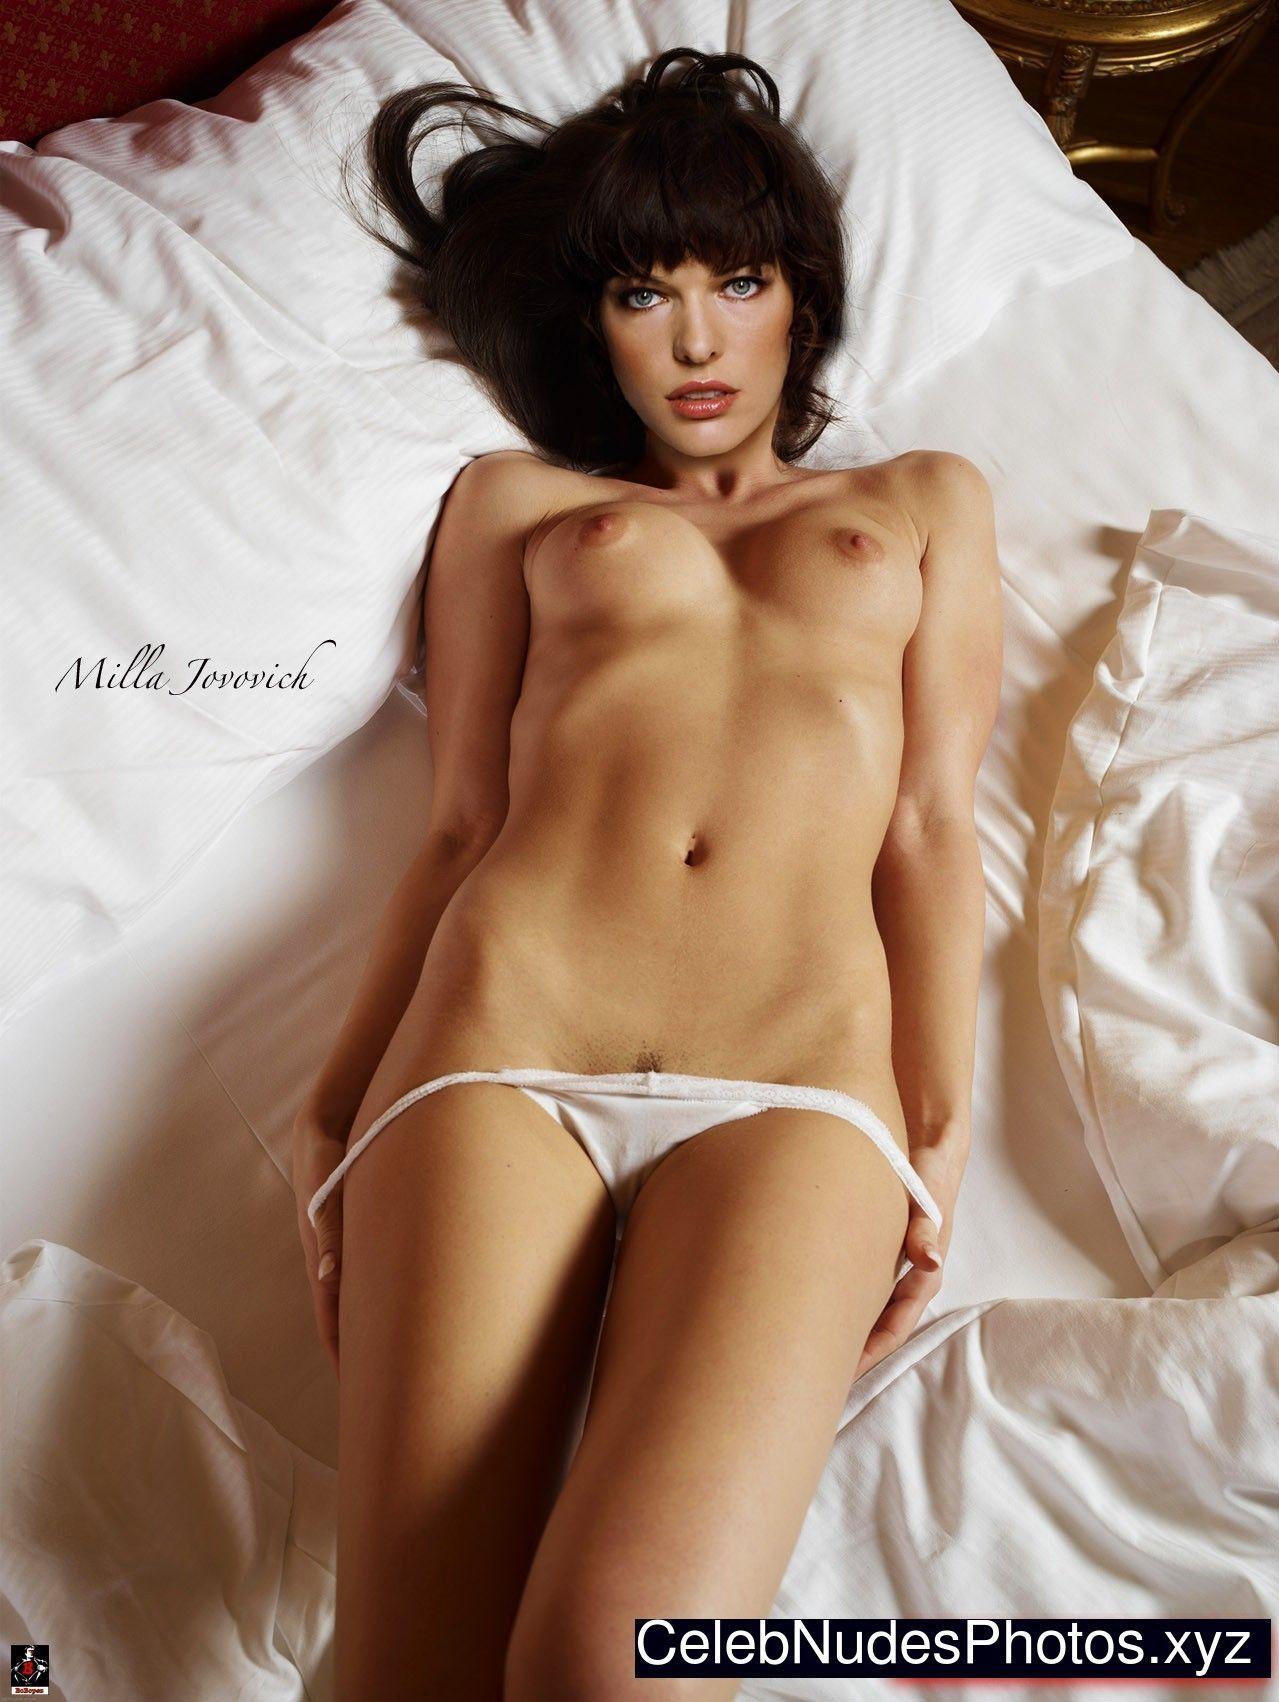 Milla jovovich xxx